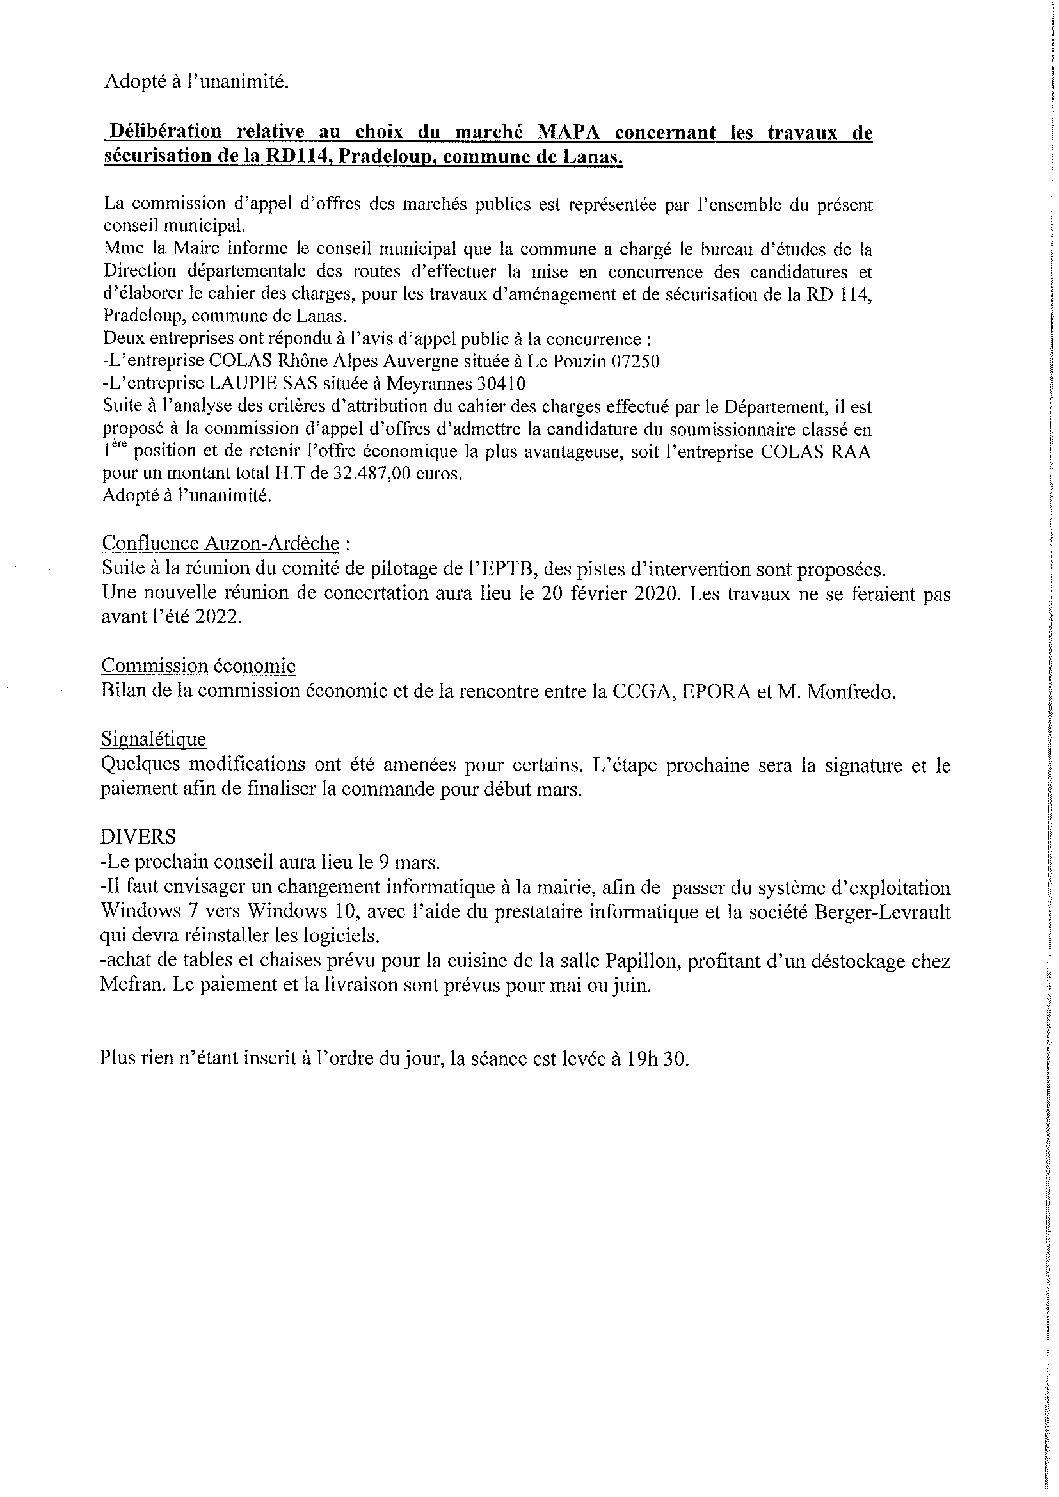 Compte rendu conseil municipal du 10 février 2020